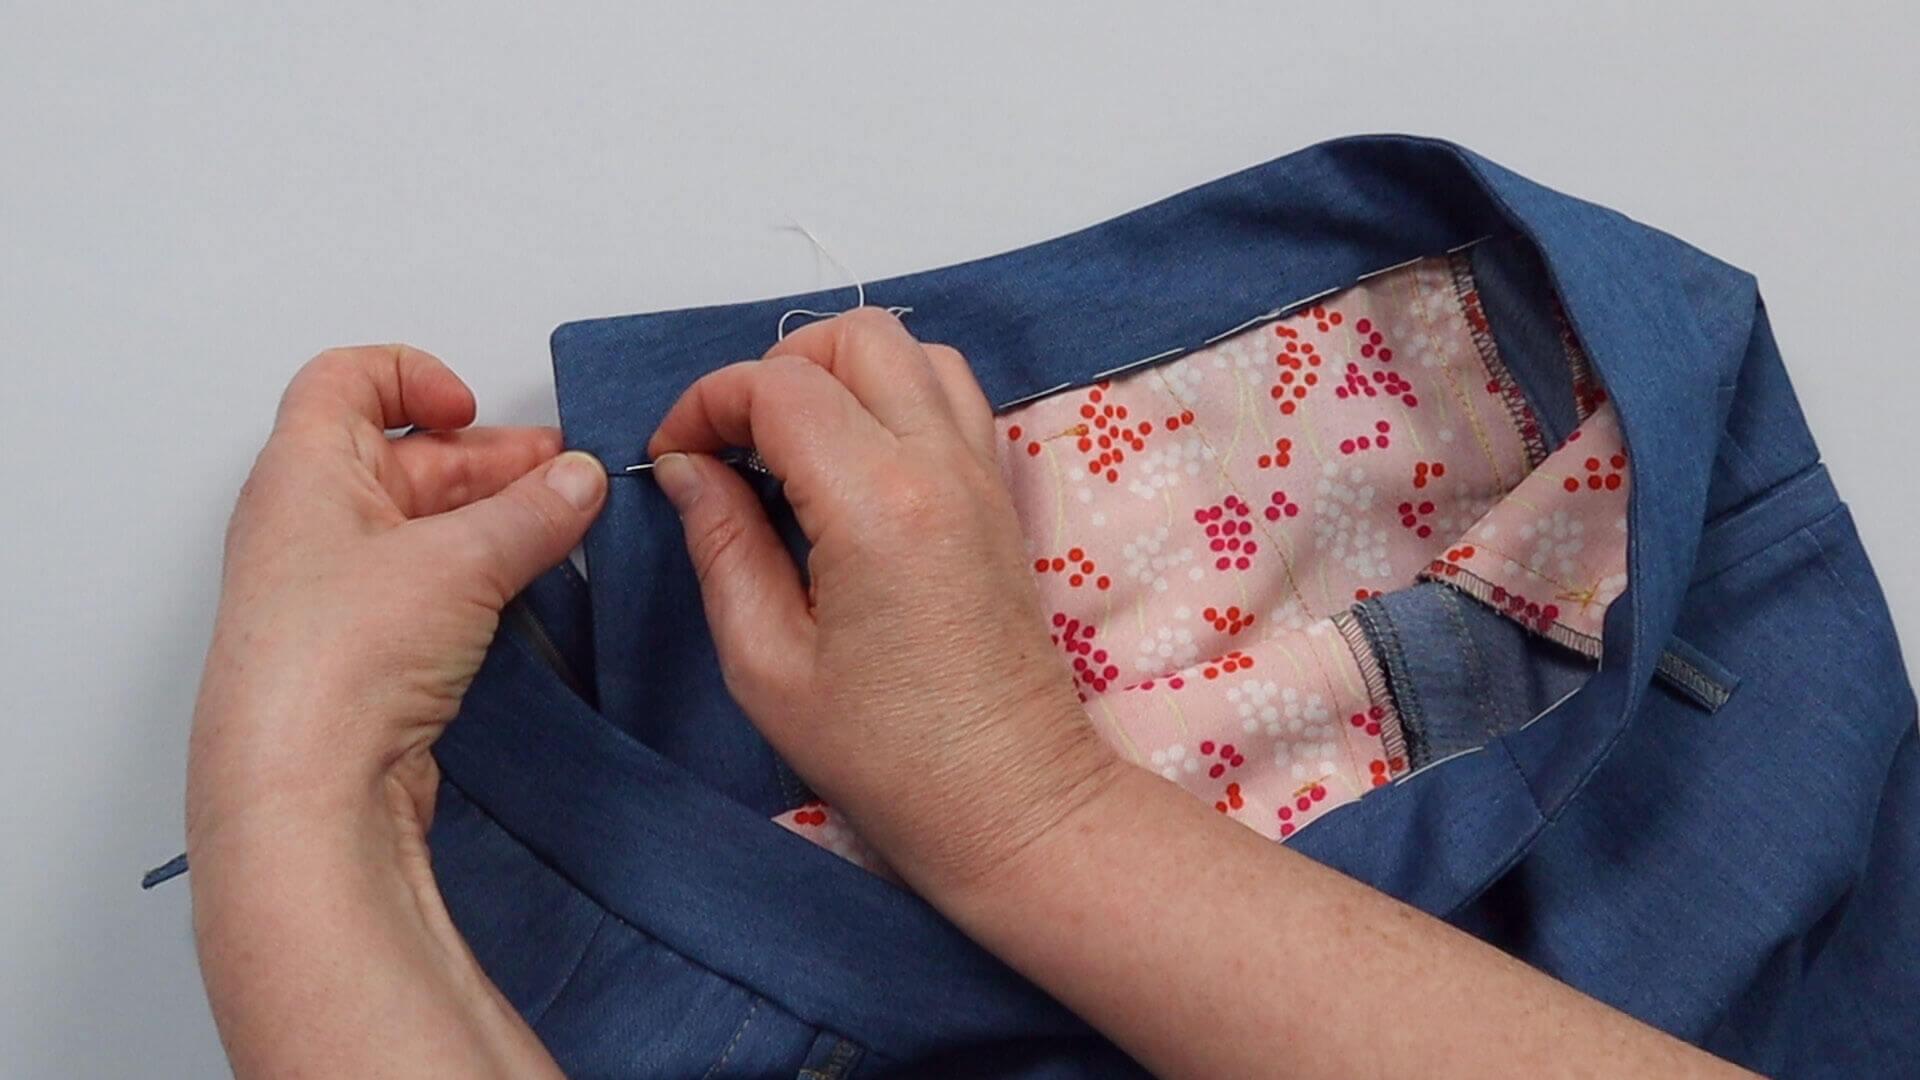 angesetzten Hosenbund #B01 selber nähen- Unterkante des Innenbundes aufhelfen oder feststecken